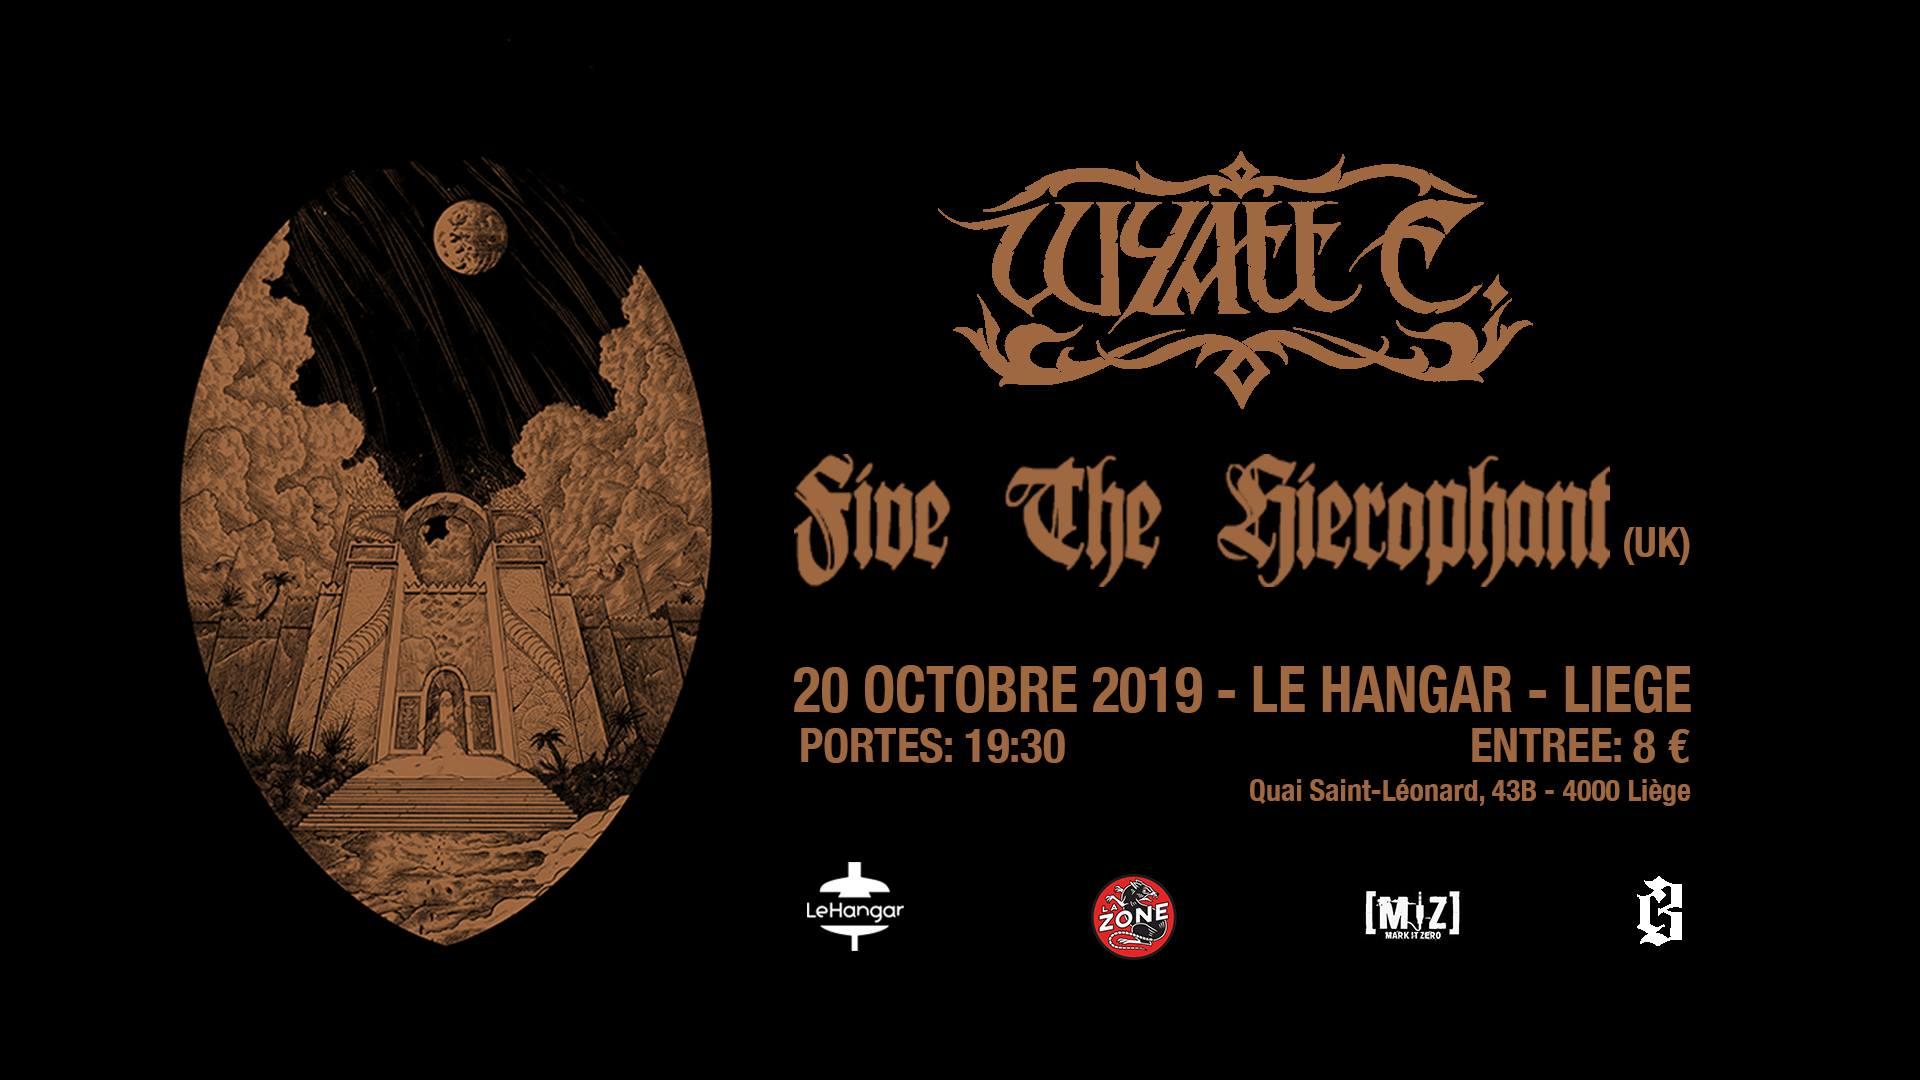 Concert | Wyatt E. & Five The Hierophant / 20 octobre 19h30